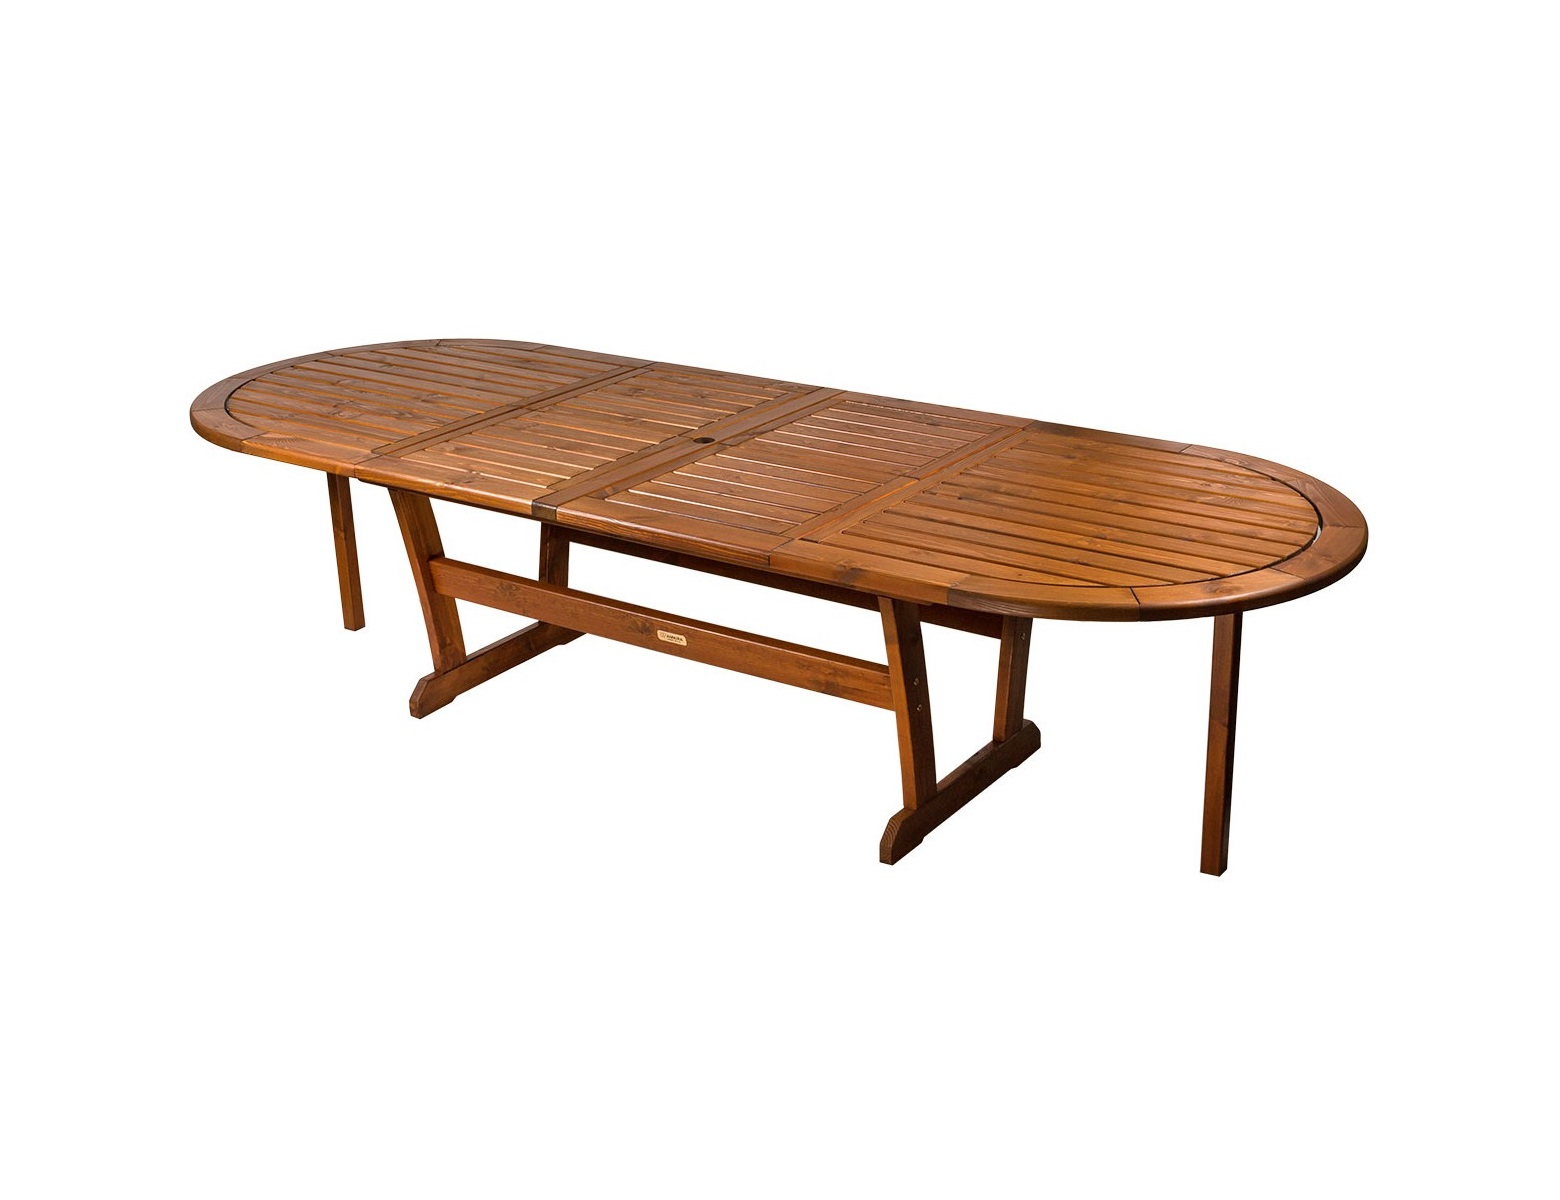 Обеденный стол SolbergaСтолы и столики для сада<br>Для большей вместимости за столом Вы можете разложить одну (общая ширина становится 249 см) &amp;amp;nbsp;или сразу две центральные вставки (общая ширина становится 302 см).<br><br>Material: Сосна<br>Length см: None<br>Width см: 196<br>Depth см: 110<br>Height см: 73